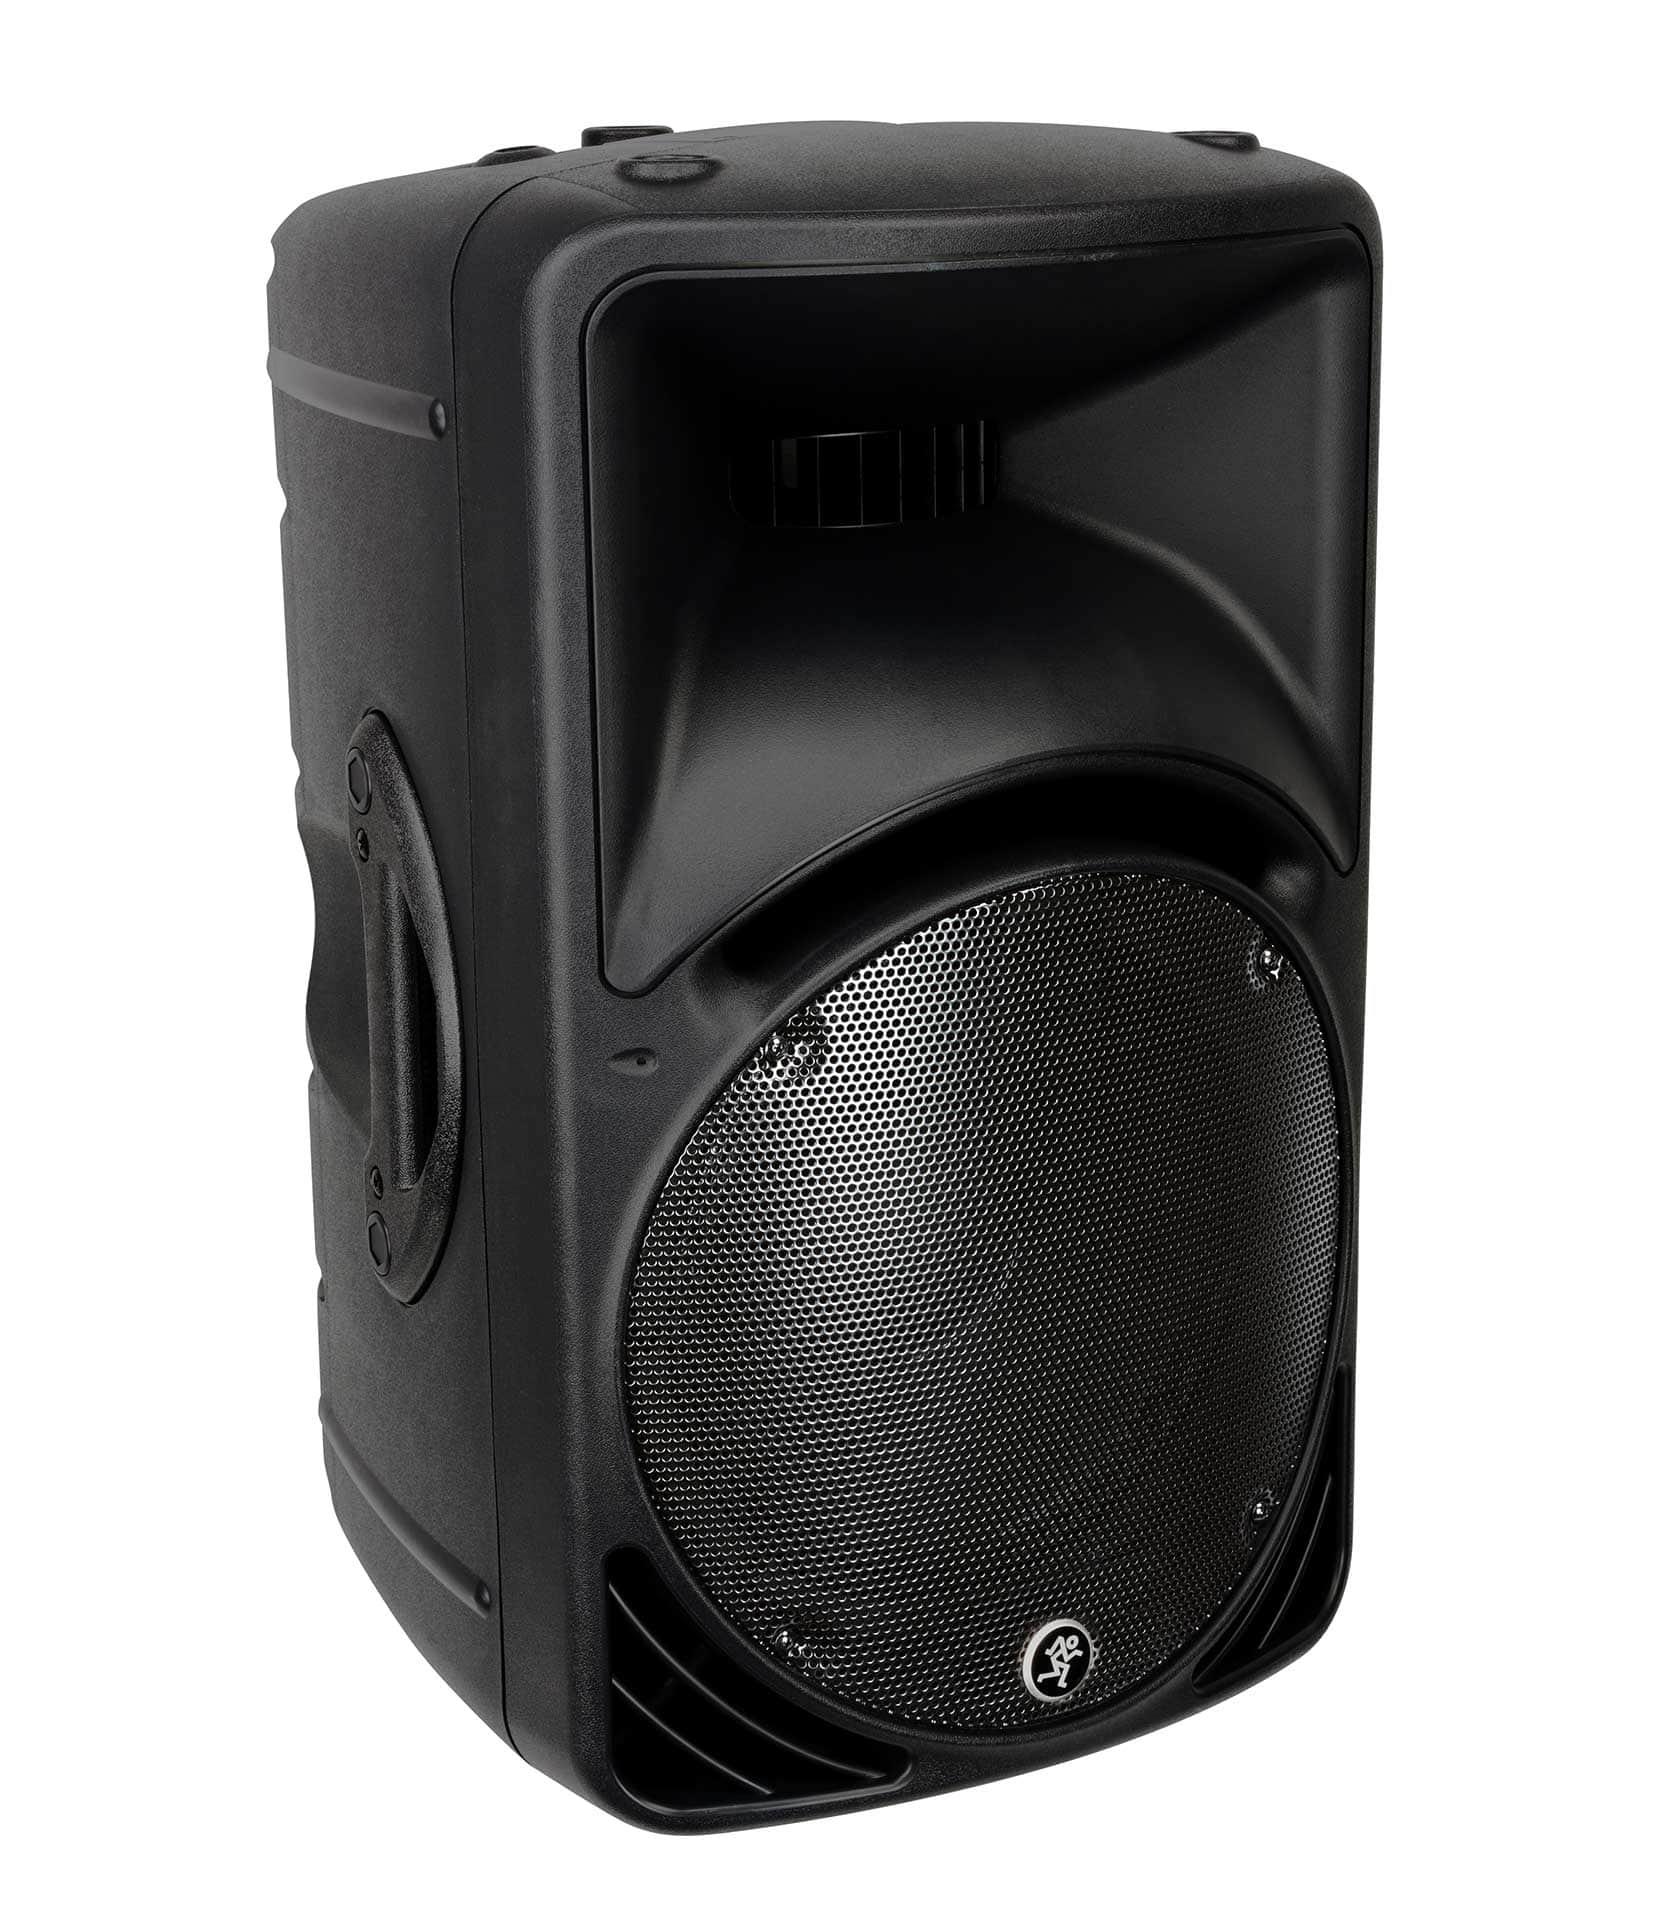 C300z 12 2 way Compact Passive SR Loudspeaker - Buy Online